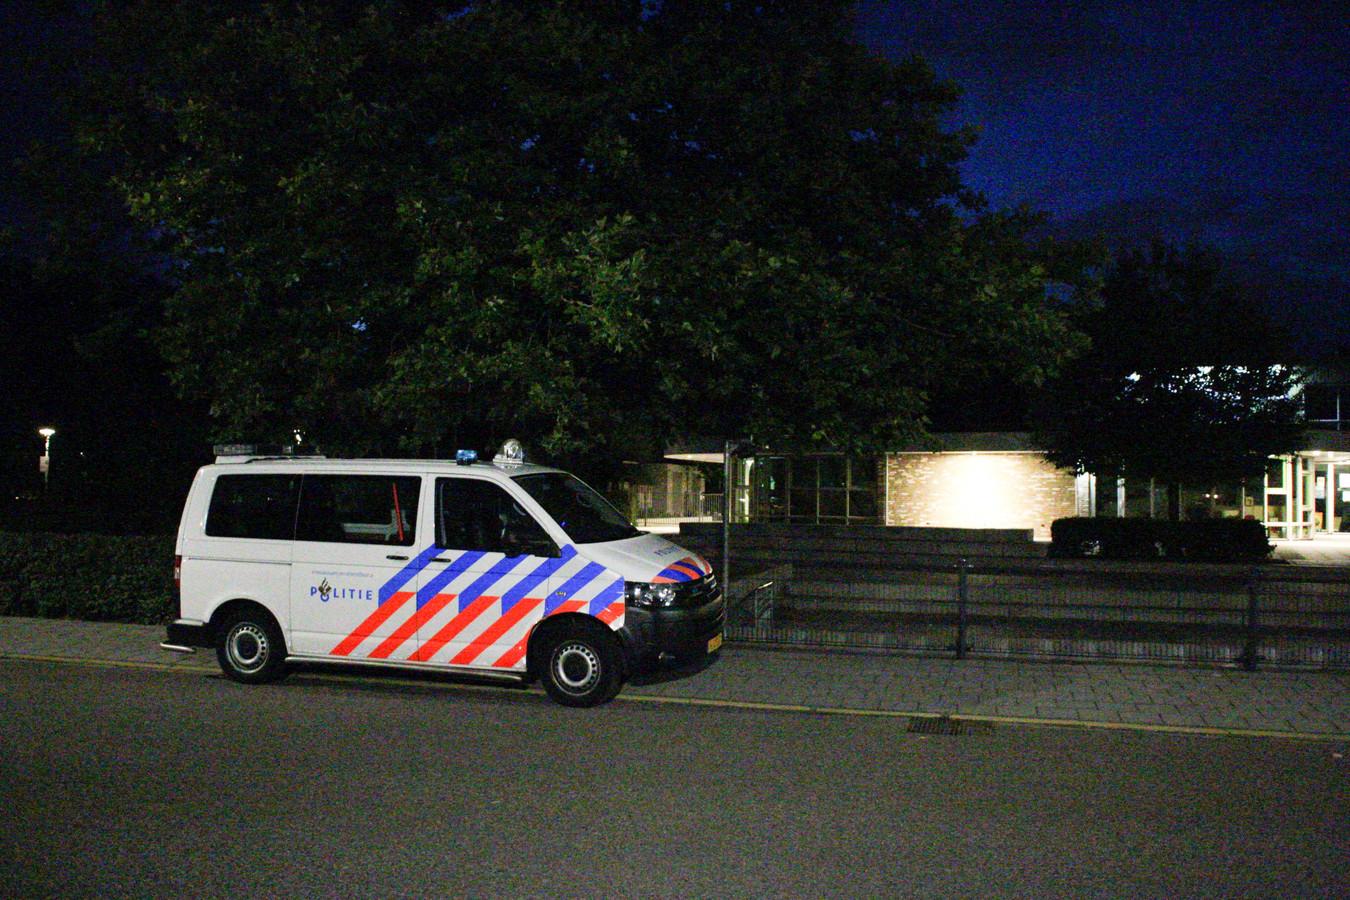 De politie in actie in Paasbos in Nijkerk in de zomer van 2020. Meldingen over overlastgevende jeugd zouden de aanleiding zijn geweest voor de zoekacties rondom een basisschool in de wijk.